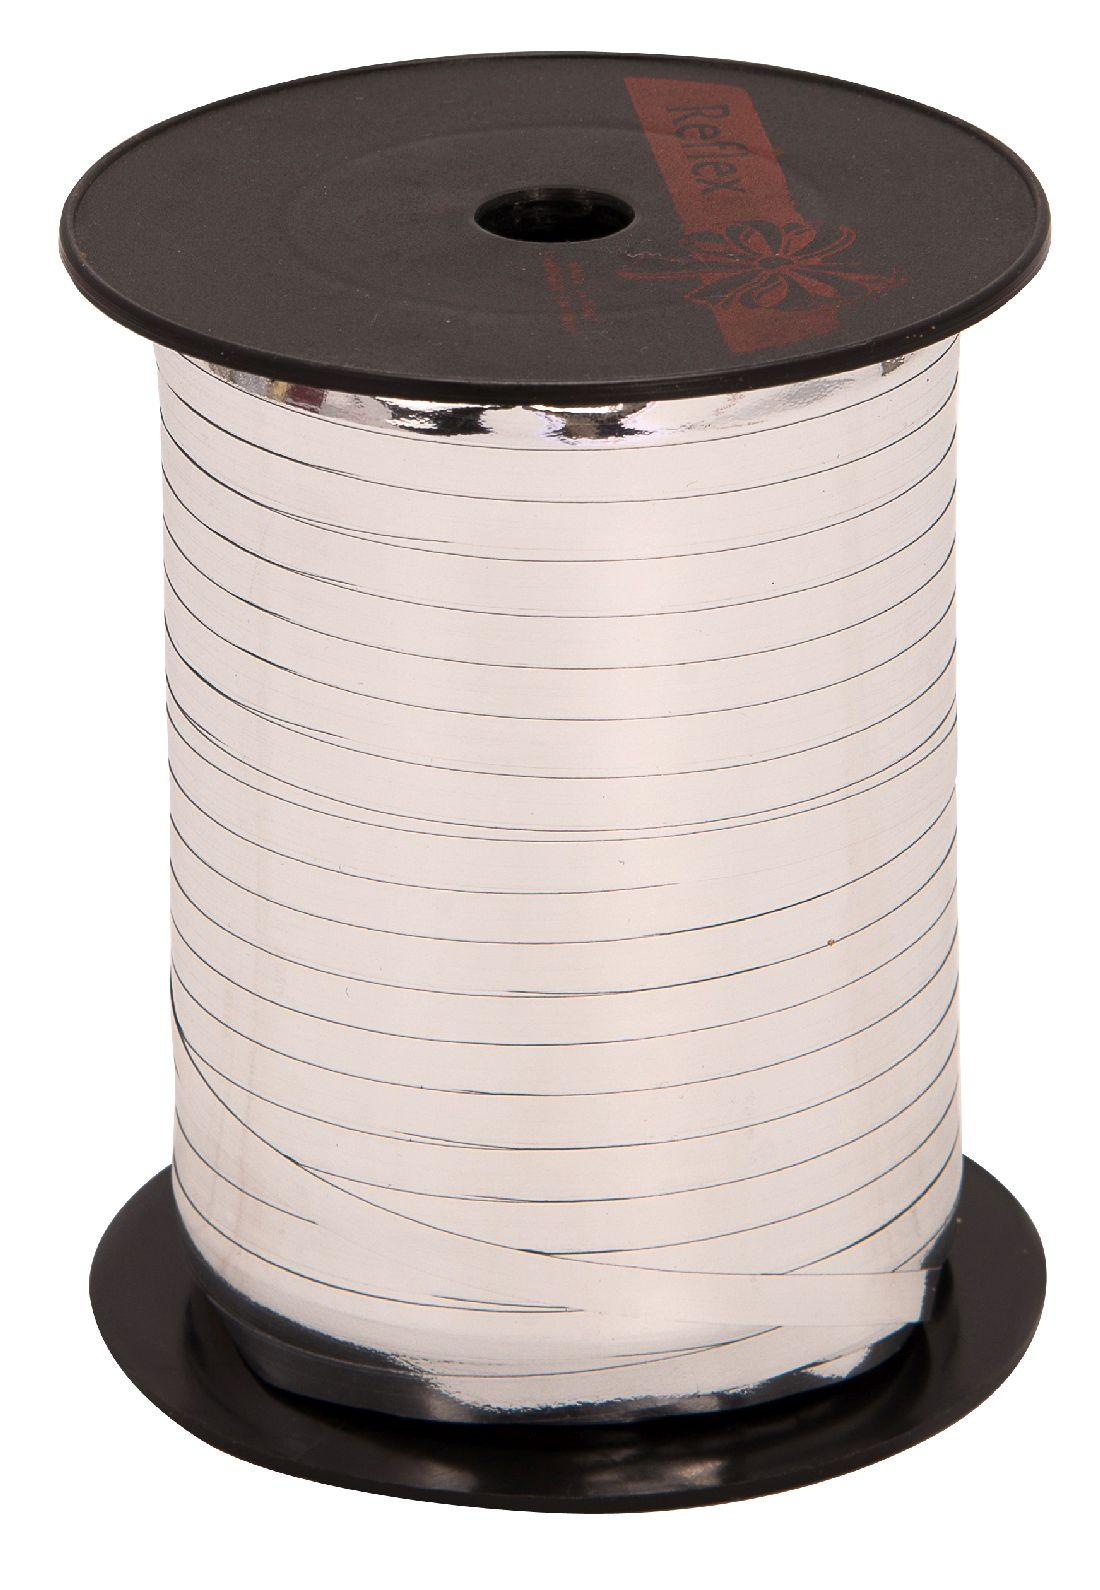 Kräuselband metallic, Ziehband SILBER 19 Geschenkband 5mm 500Meter